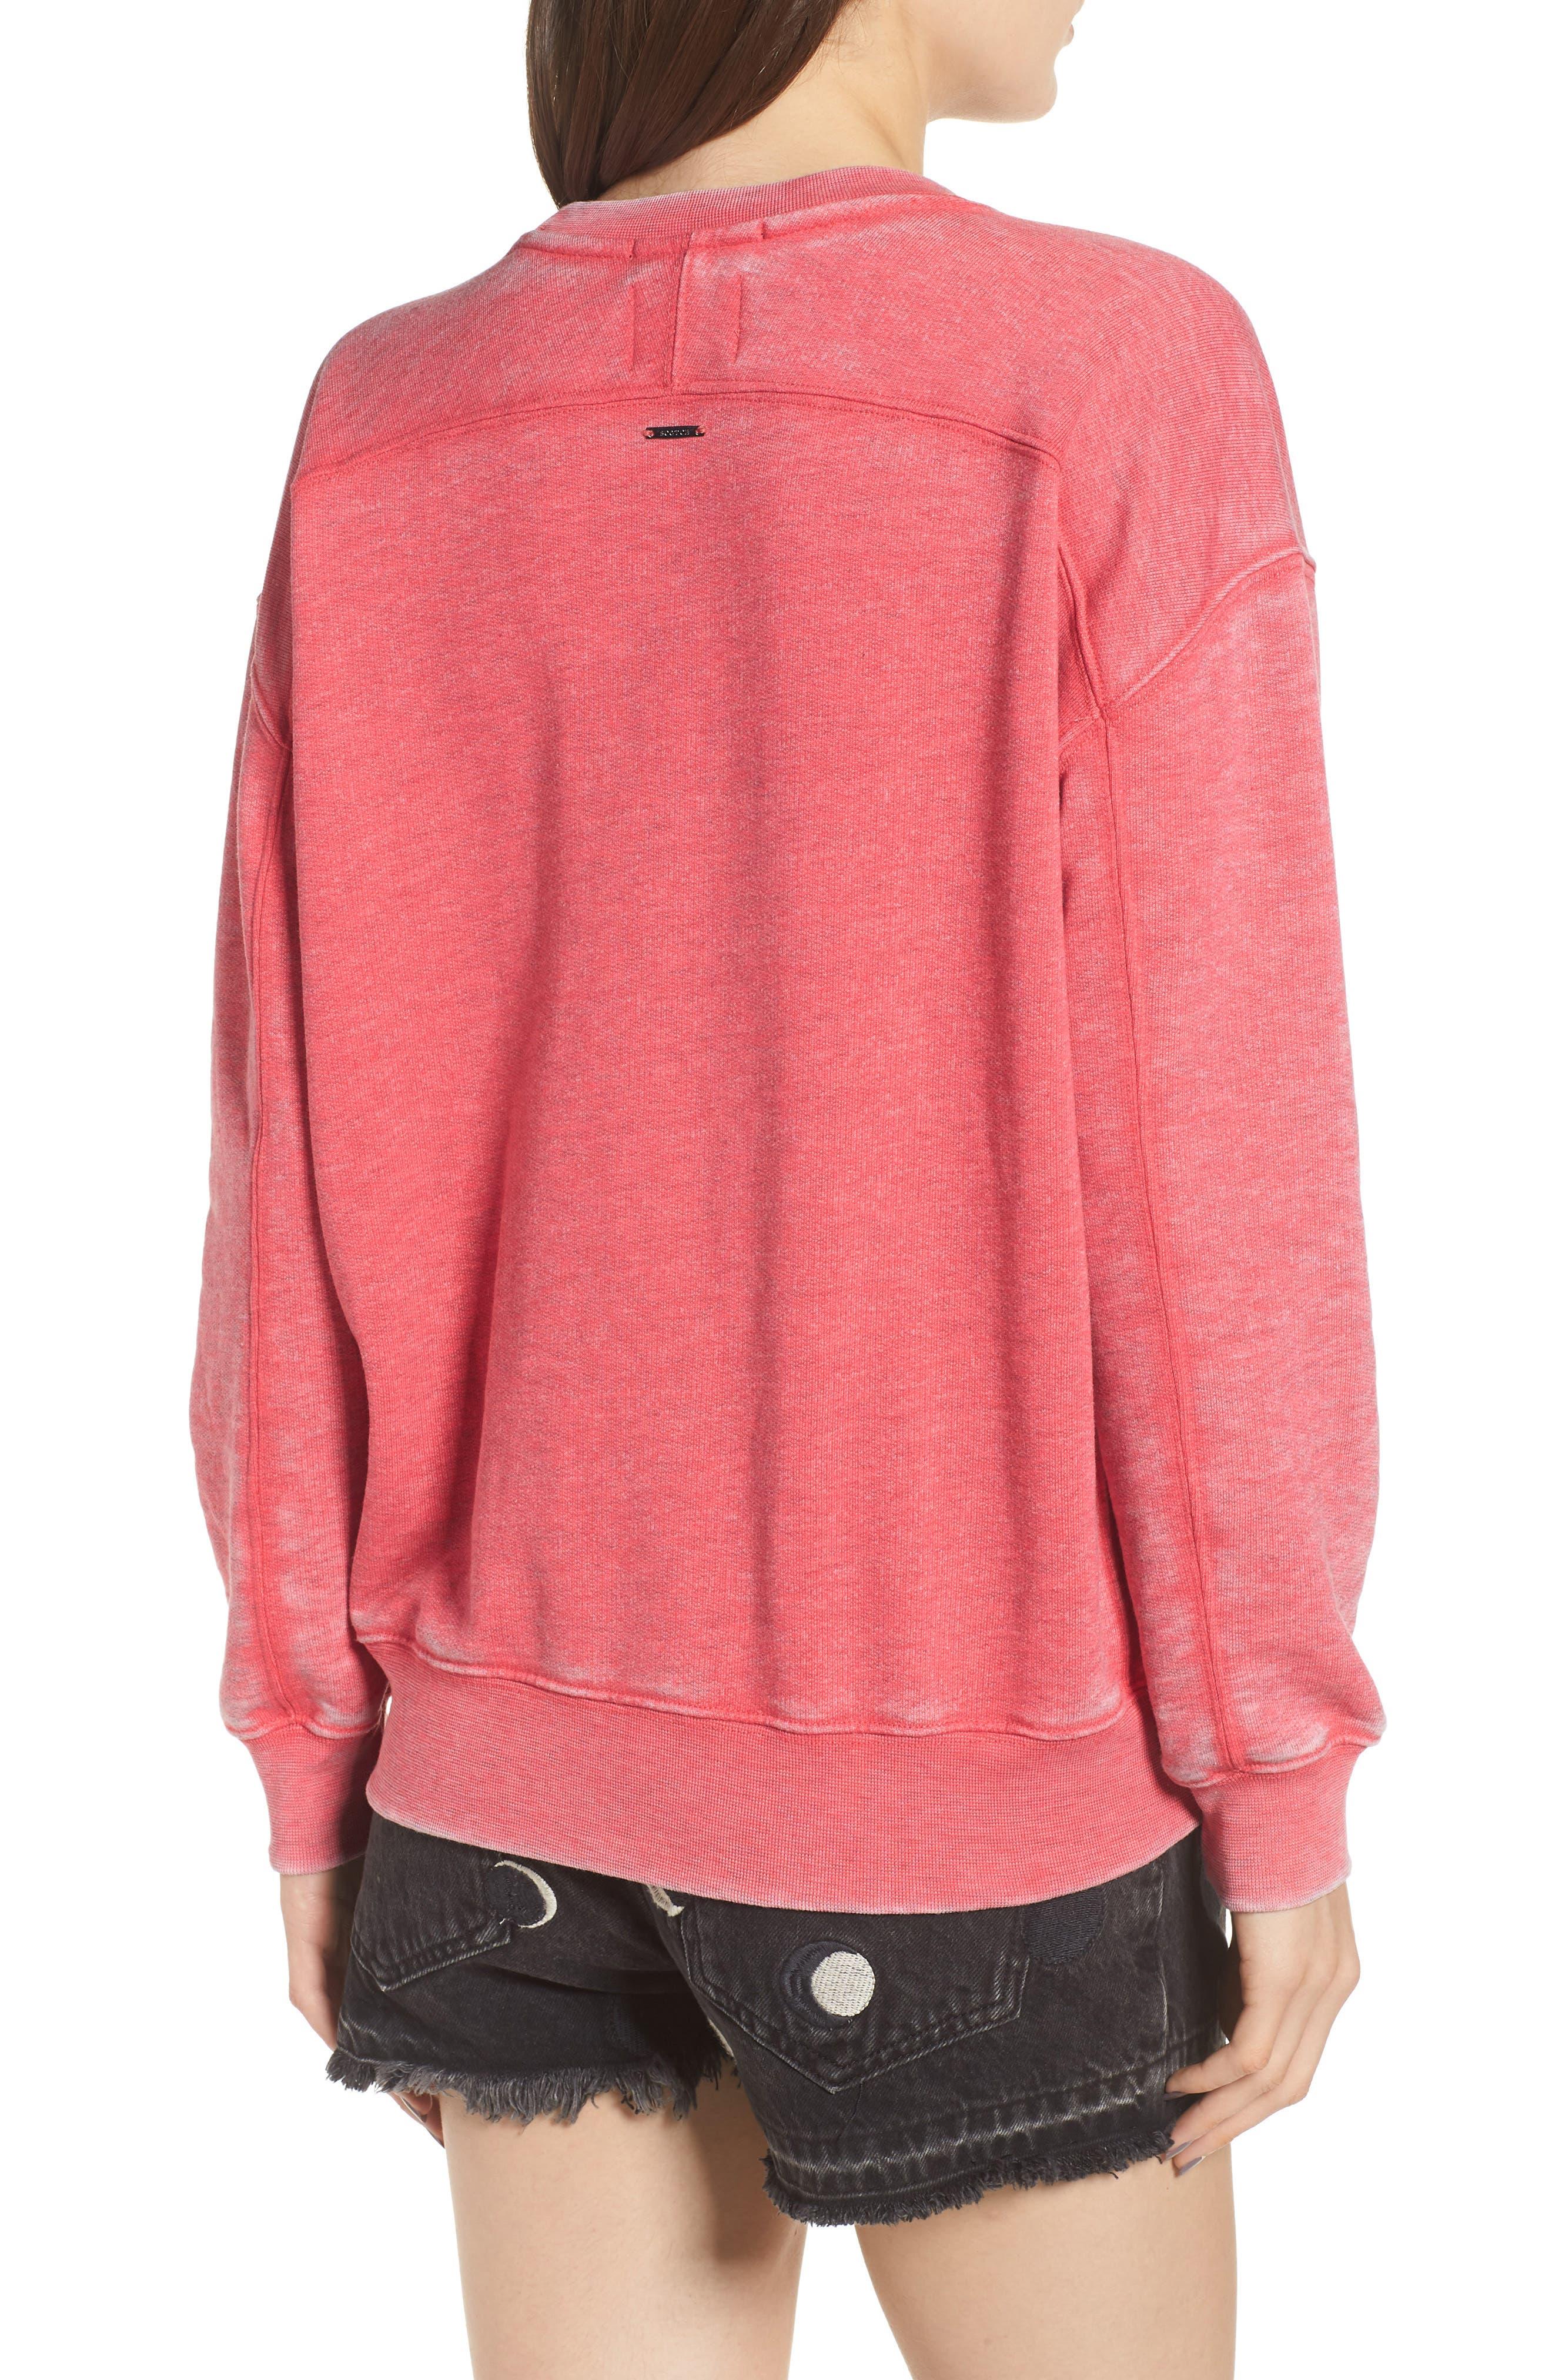 Felix x Scotch & Soda Burnout Appliqué & Graphic Sweatshirt,                             Alternate thumbnail 2, color,                             610